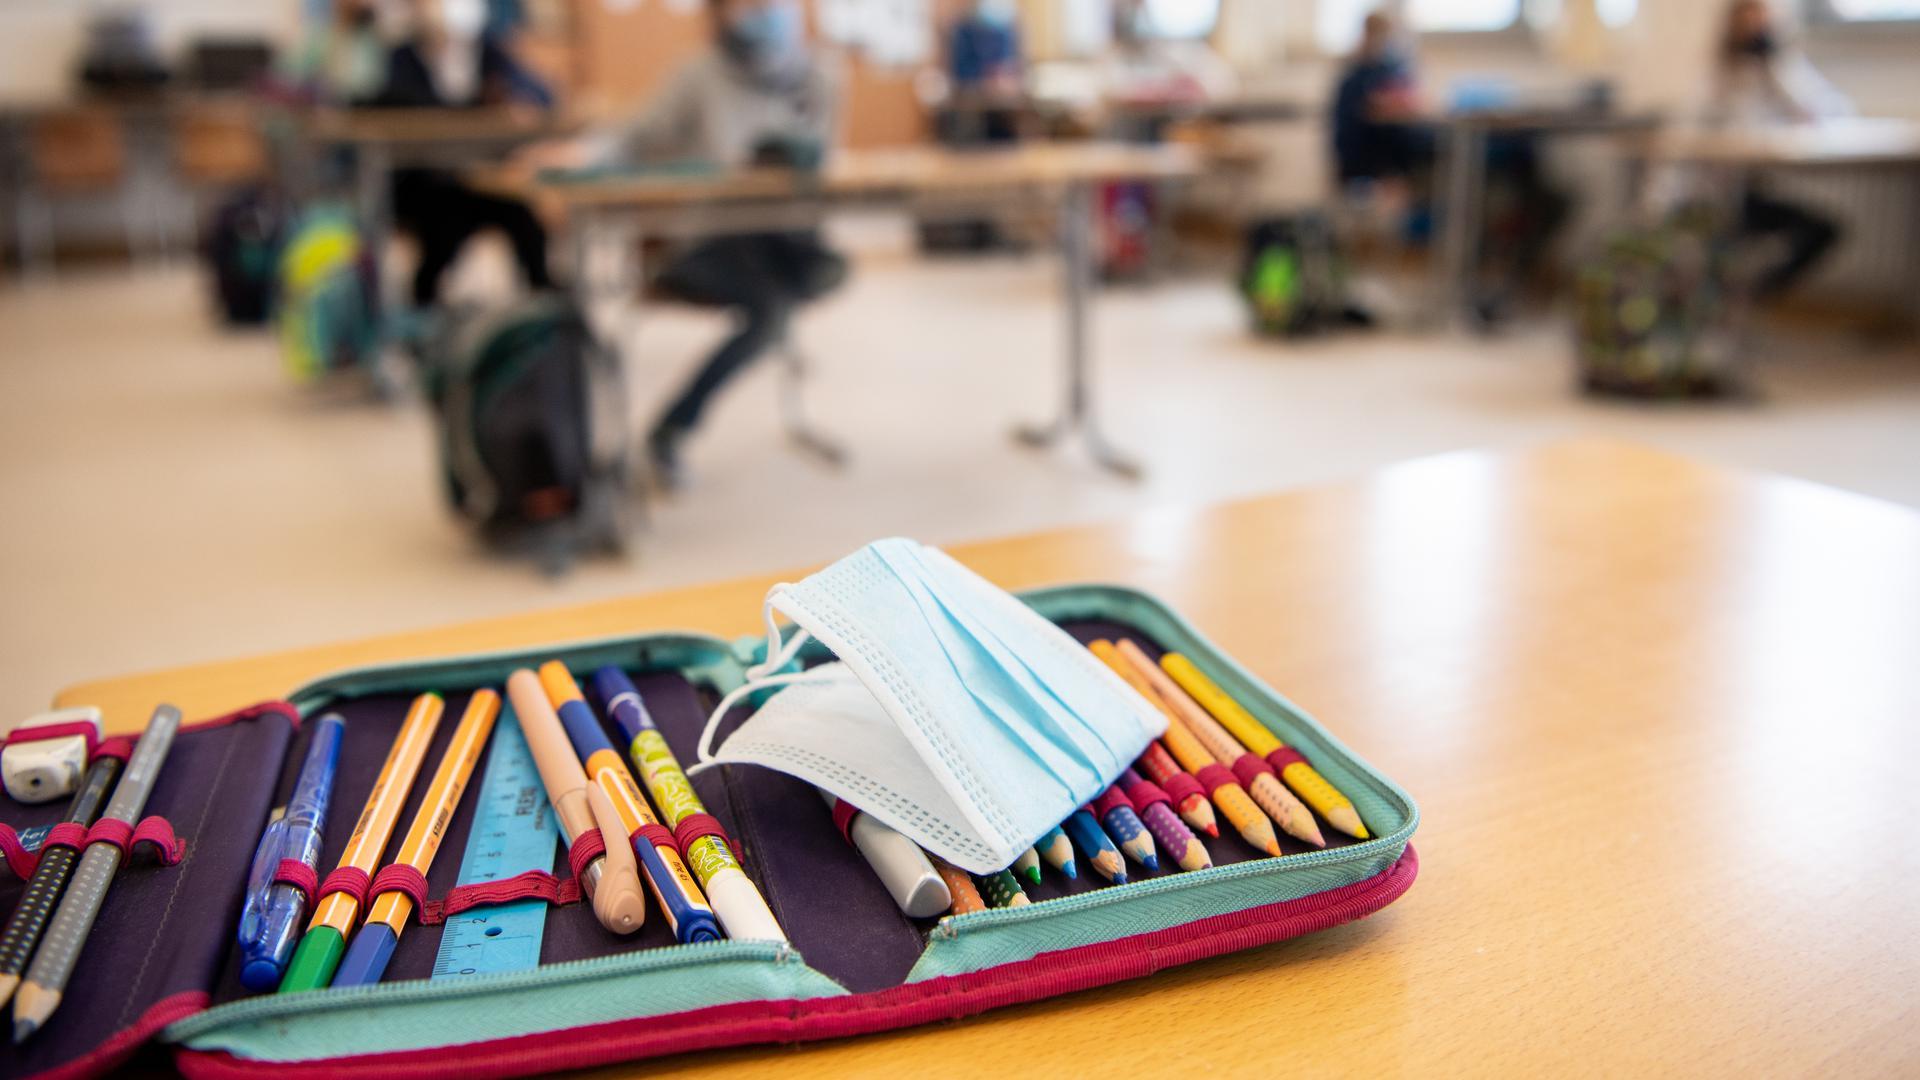 Mit Maske und Corona-Test: Der Schulbetrieb läuft aktuell in Baden-Württemberg unter besonderen Bedingungen. Nicht alle Eltern sind mit den Abläufen zufrieden.